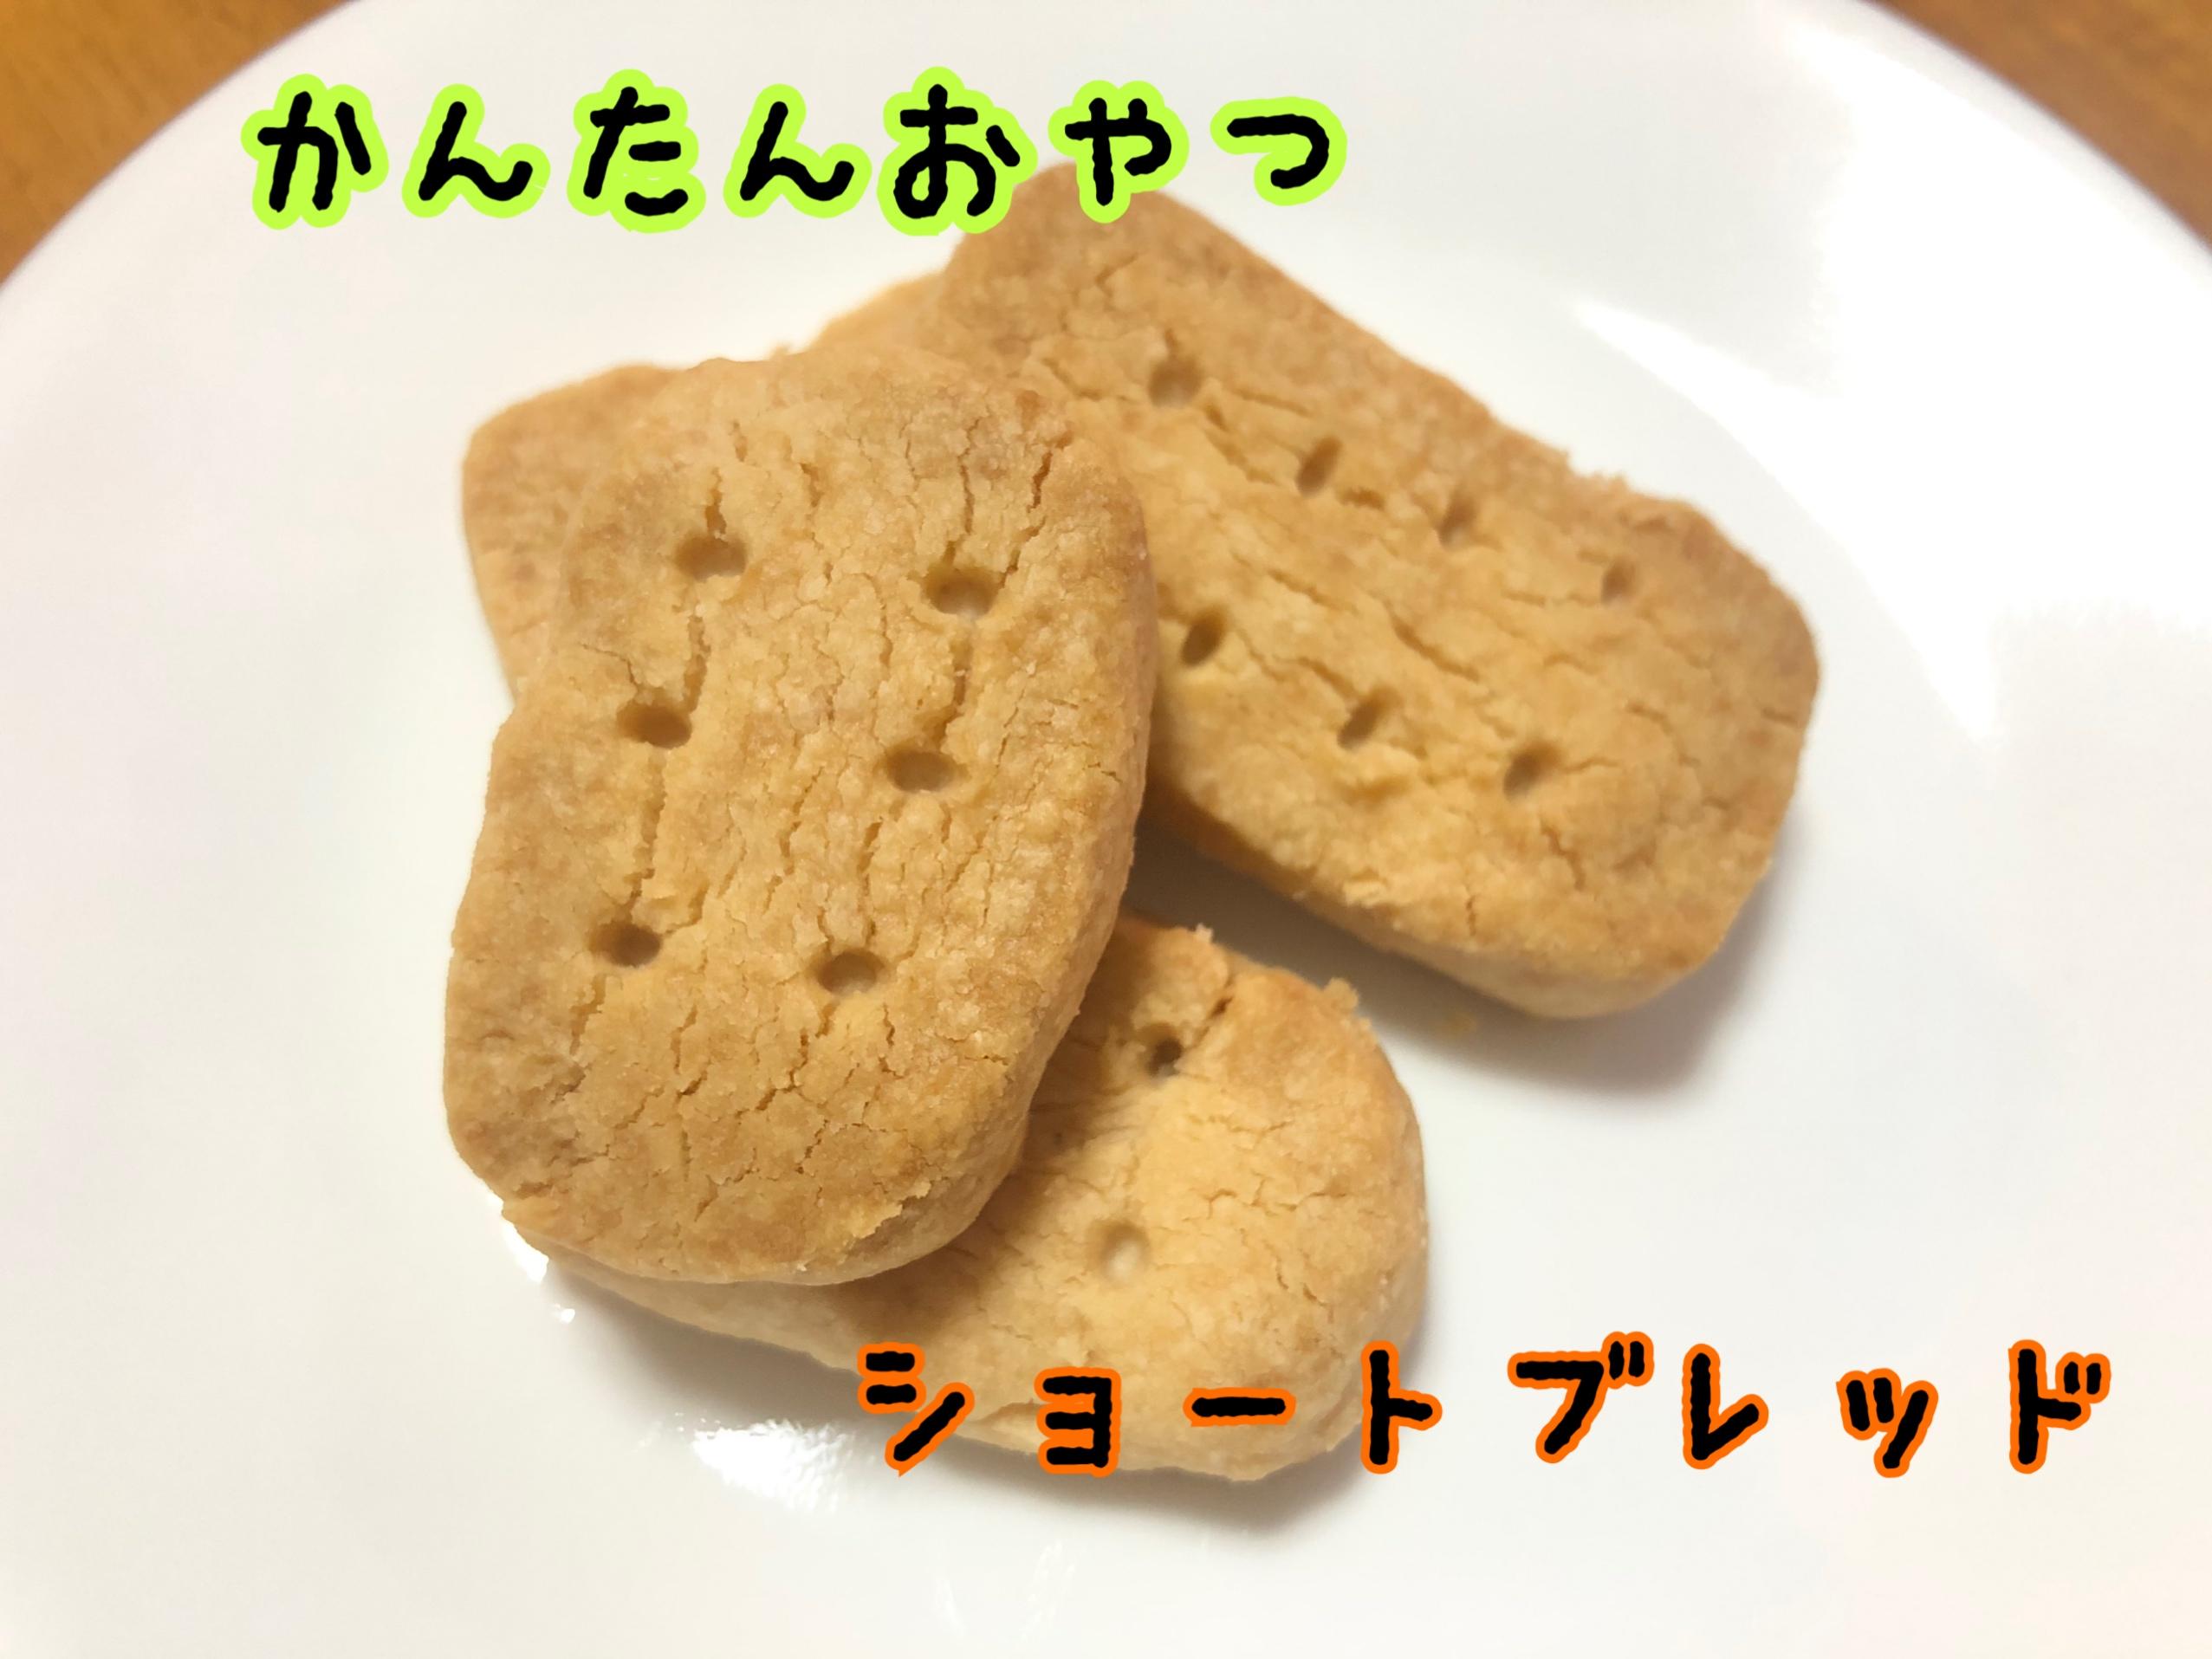 ポテト 離乳食 スイート